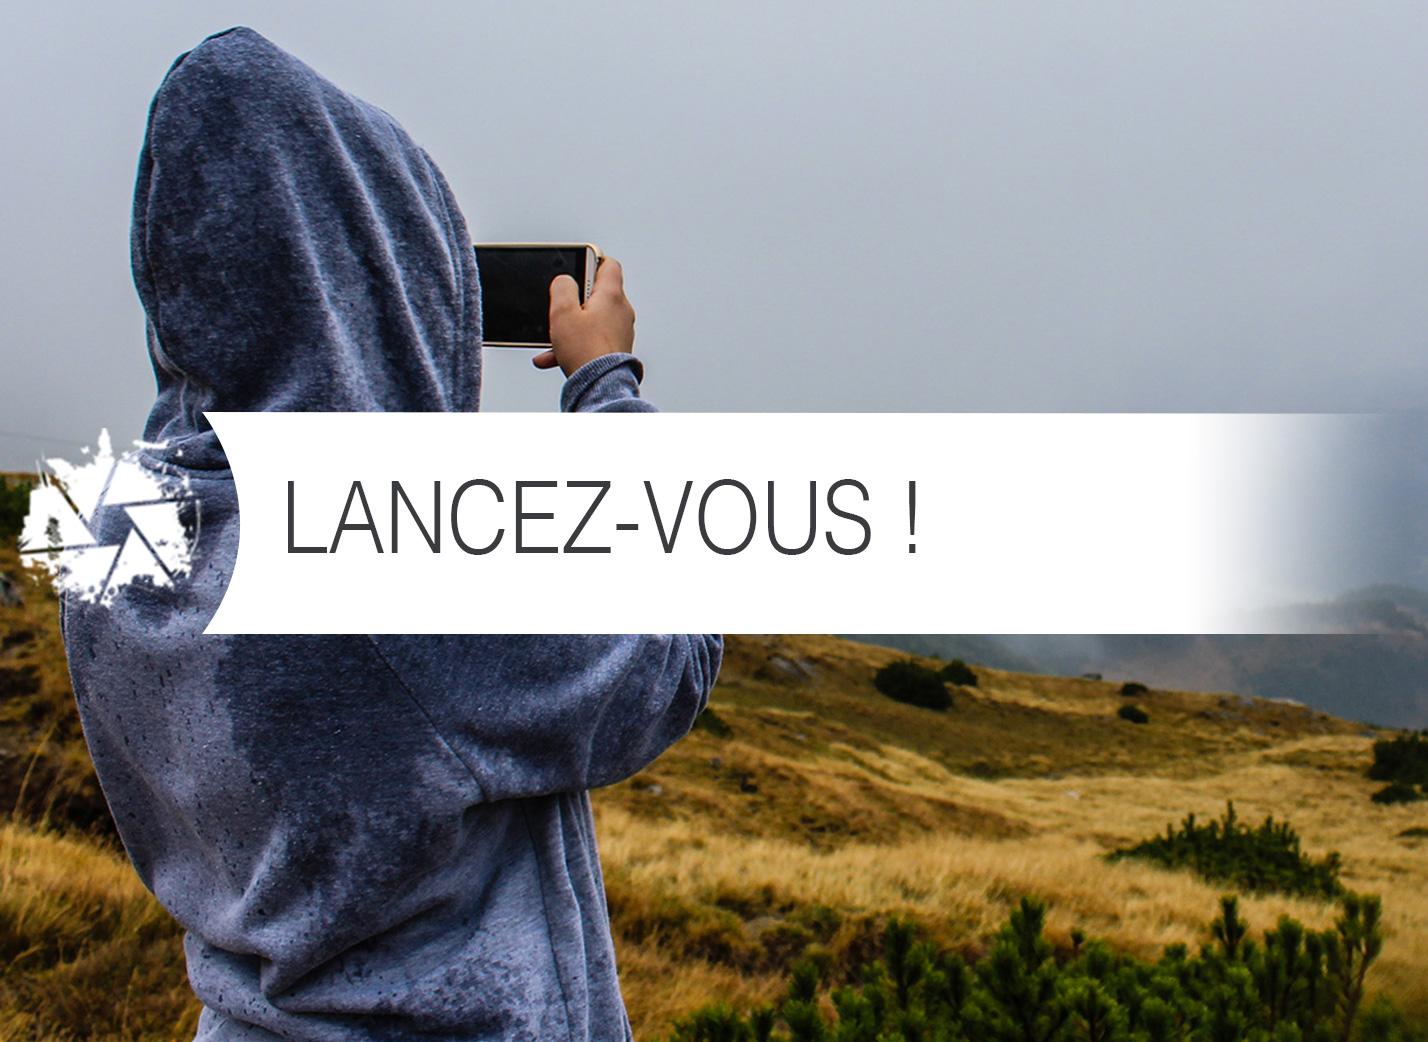 Lancez vous apprendre la photo nicolas croce photo for Lancez vous castorama